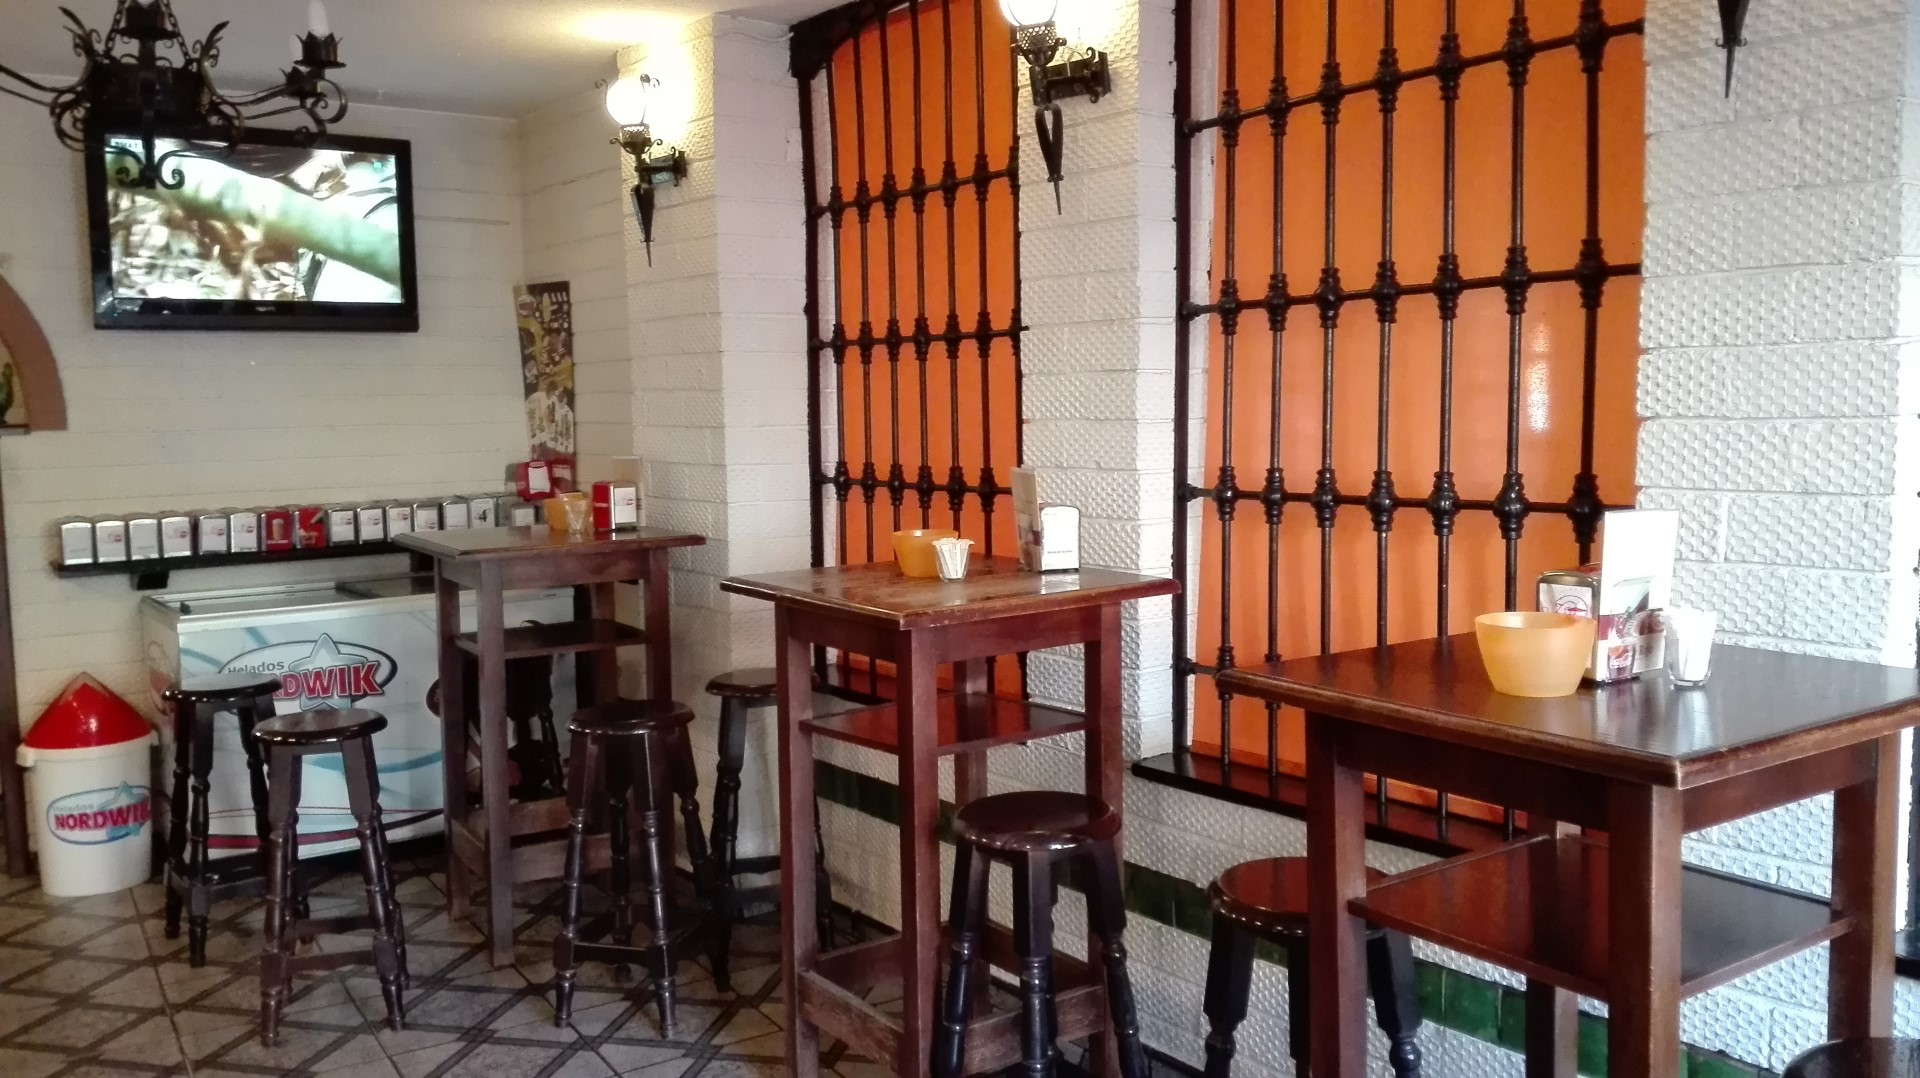 Restaurante El Gallo Rojo Beda Applicaja N # Muebles Millan Ubeda